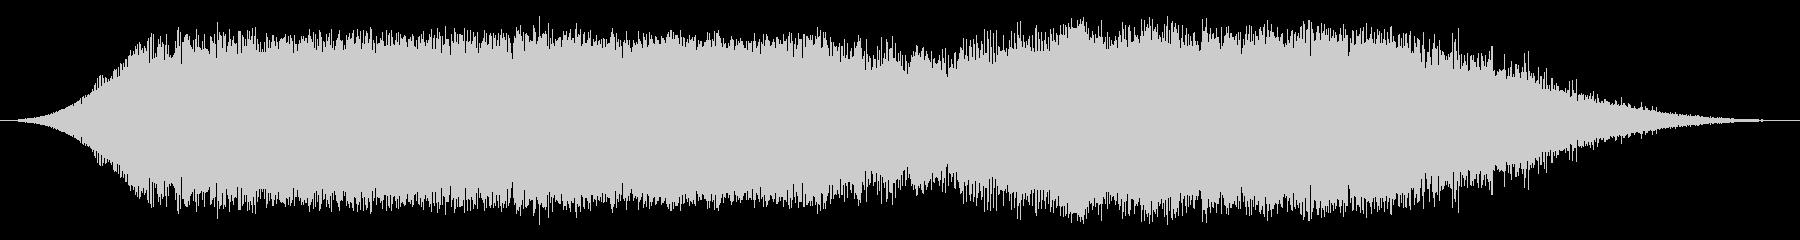 停電3の未再生の波形